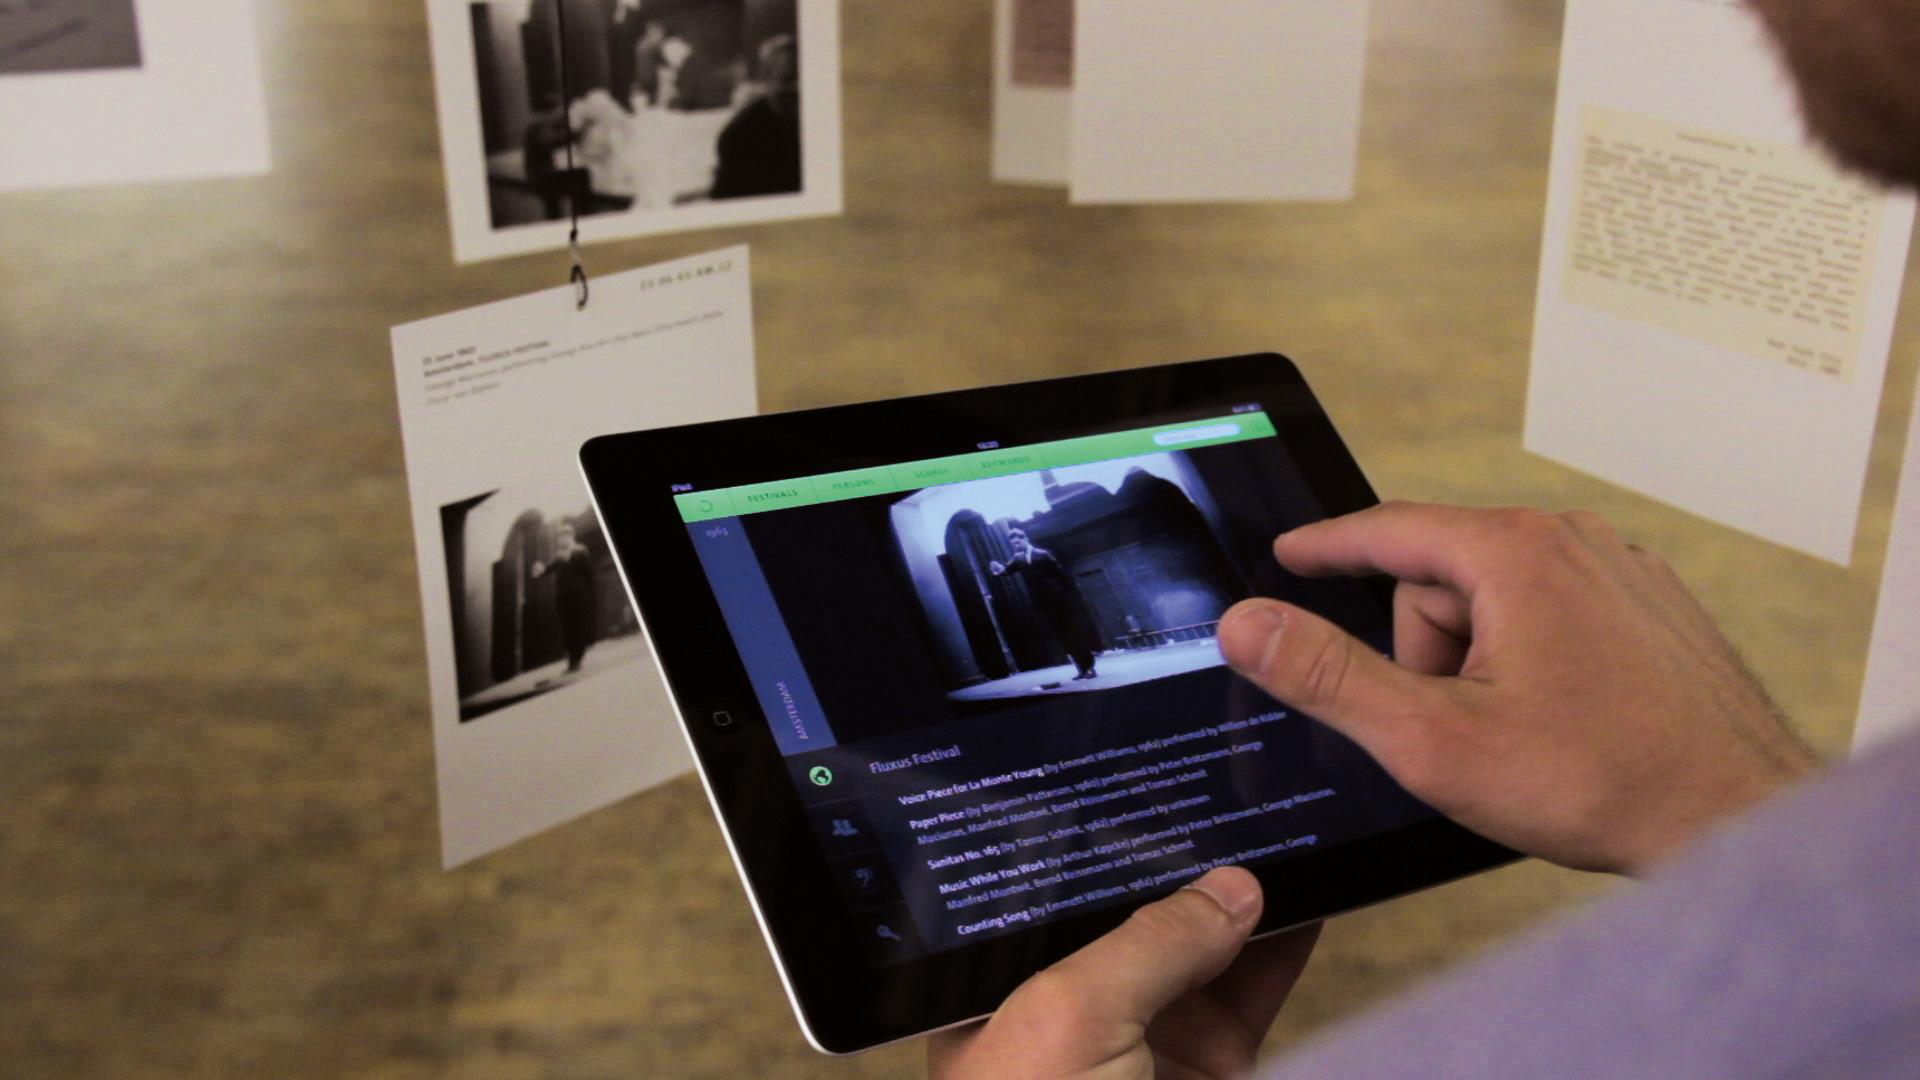 iPad app providing the archive